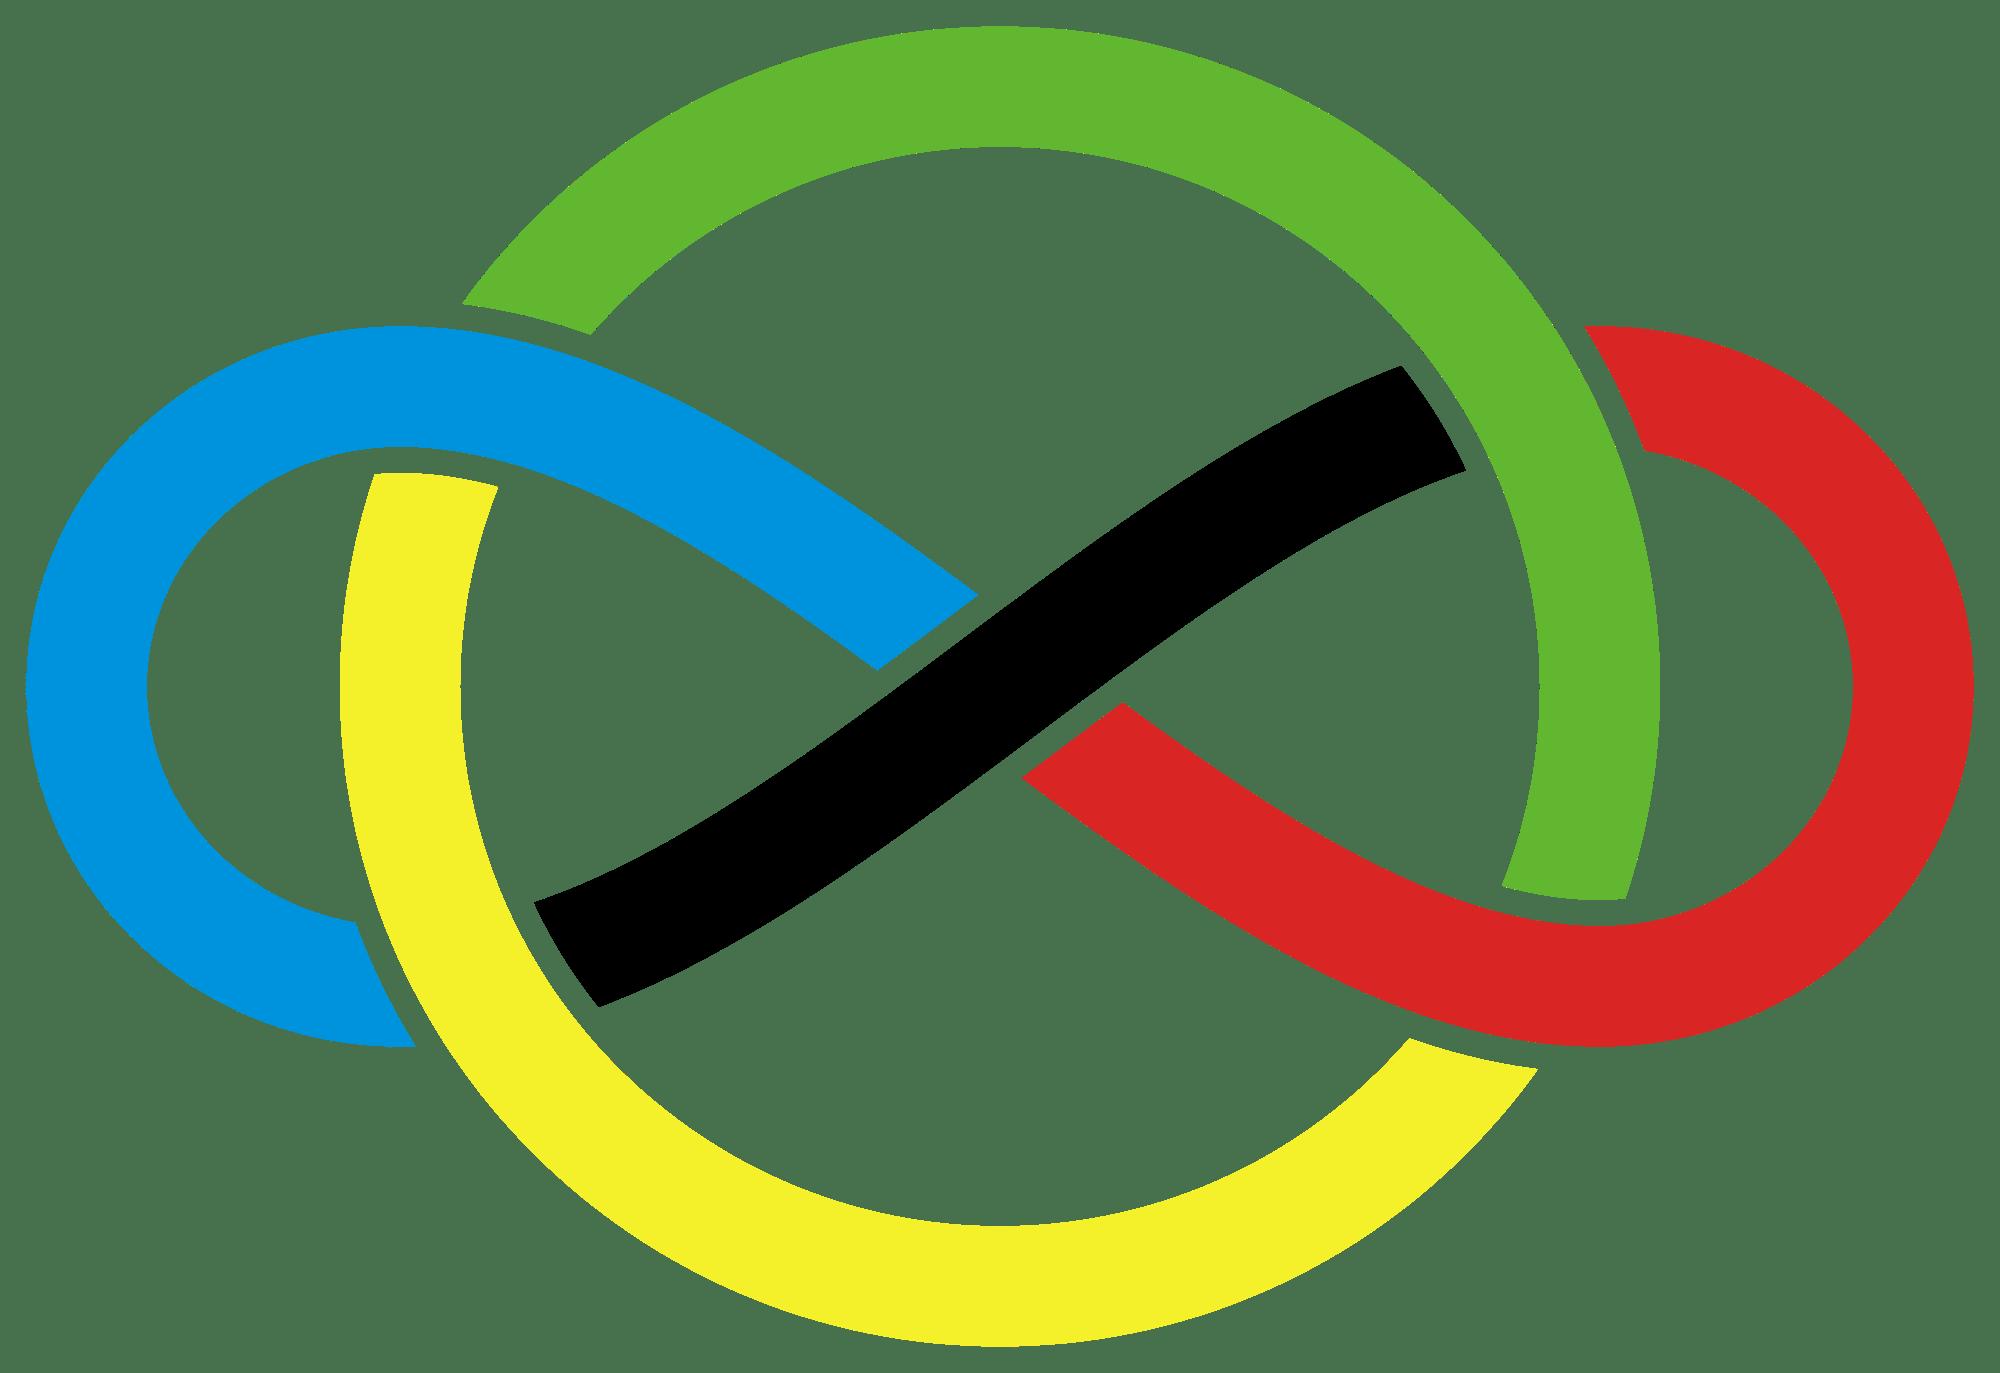 Logo de la Olimpiada Internacional de Matemáticas (IMO)